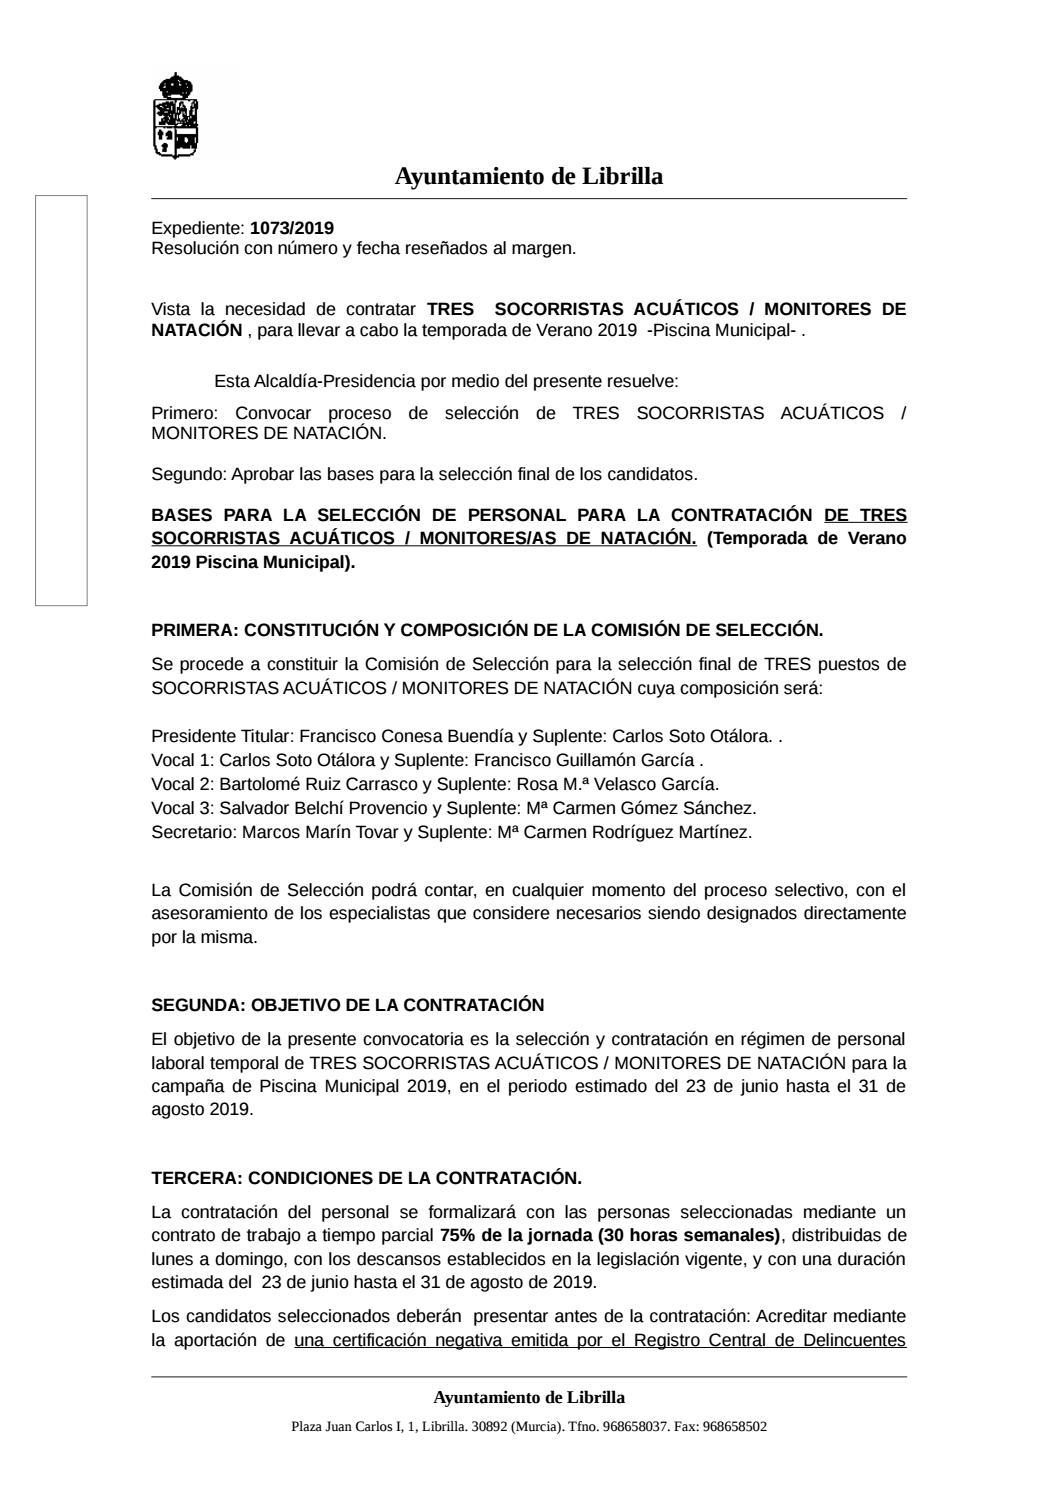 f3d36b5583ca Bases de Selección para la Contratación 3 Socorristas/Monitores Piscina  Municipal 2019 by Ayuntamiento de Librilla - issuu